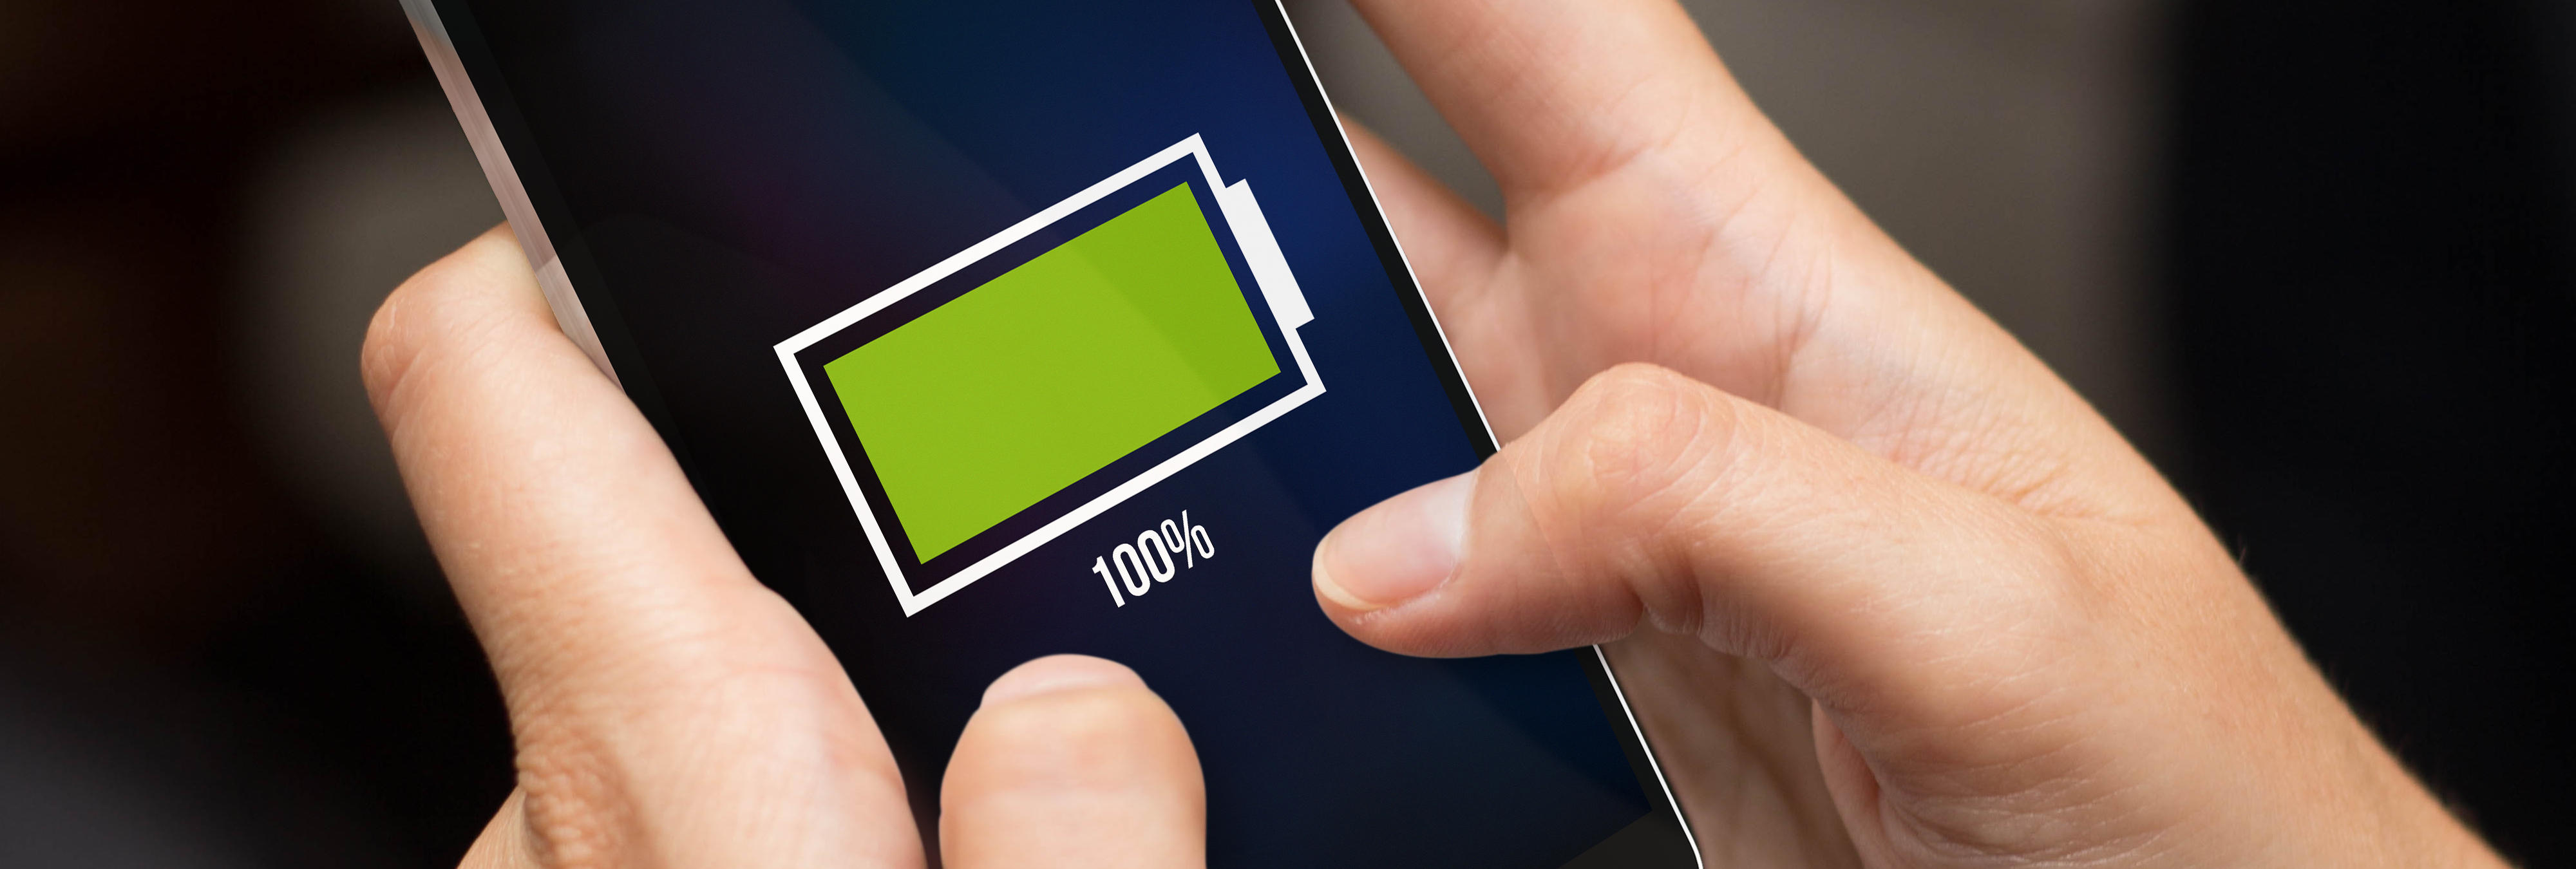 Este aparato promete cargar al completo la batería del móvil en tan solo 20 minutos